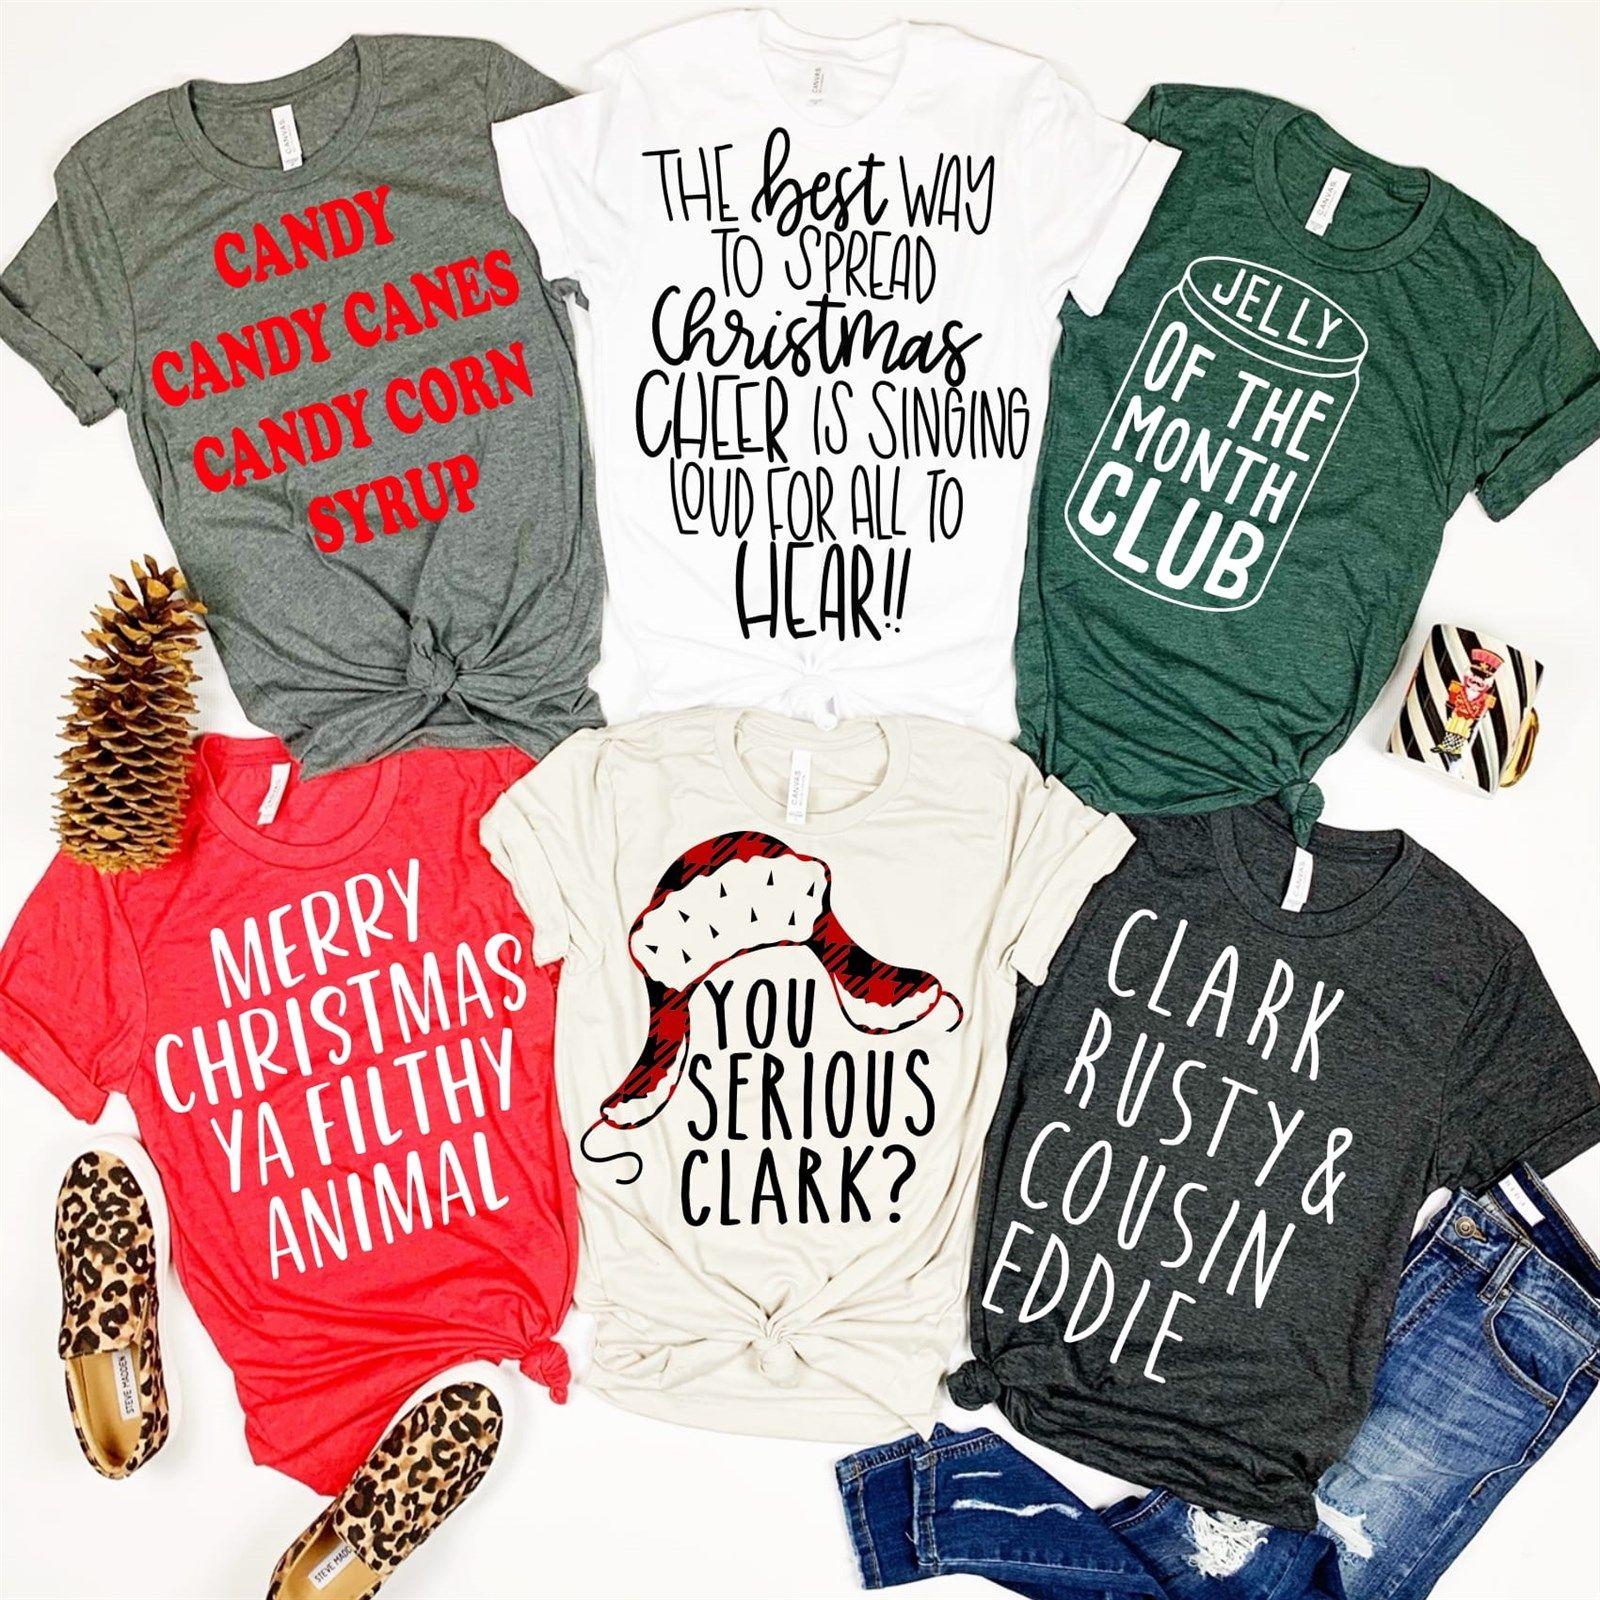 Holiday Graphic Tees Christmas vacation shirts, Tees